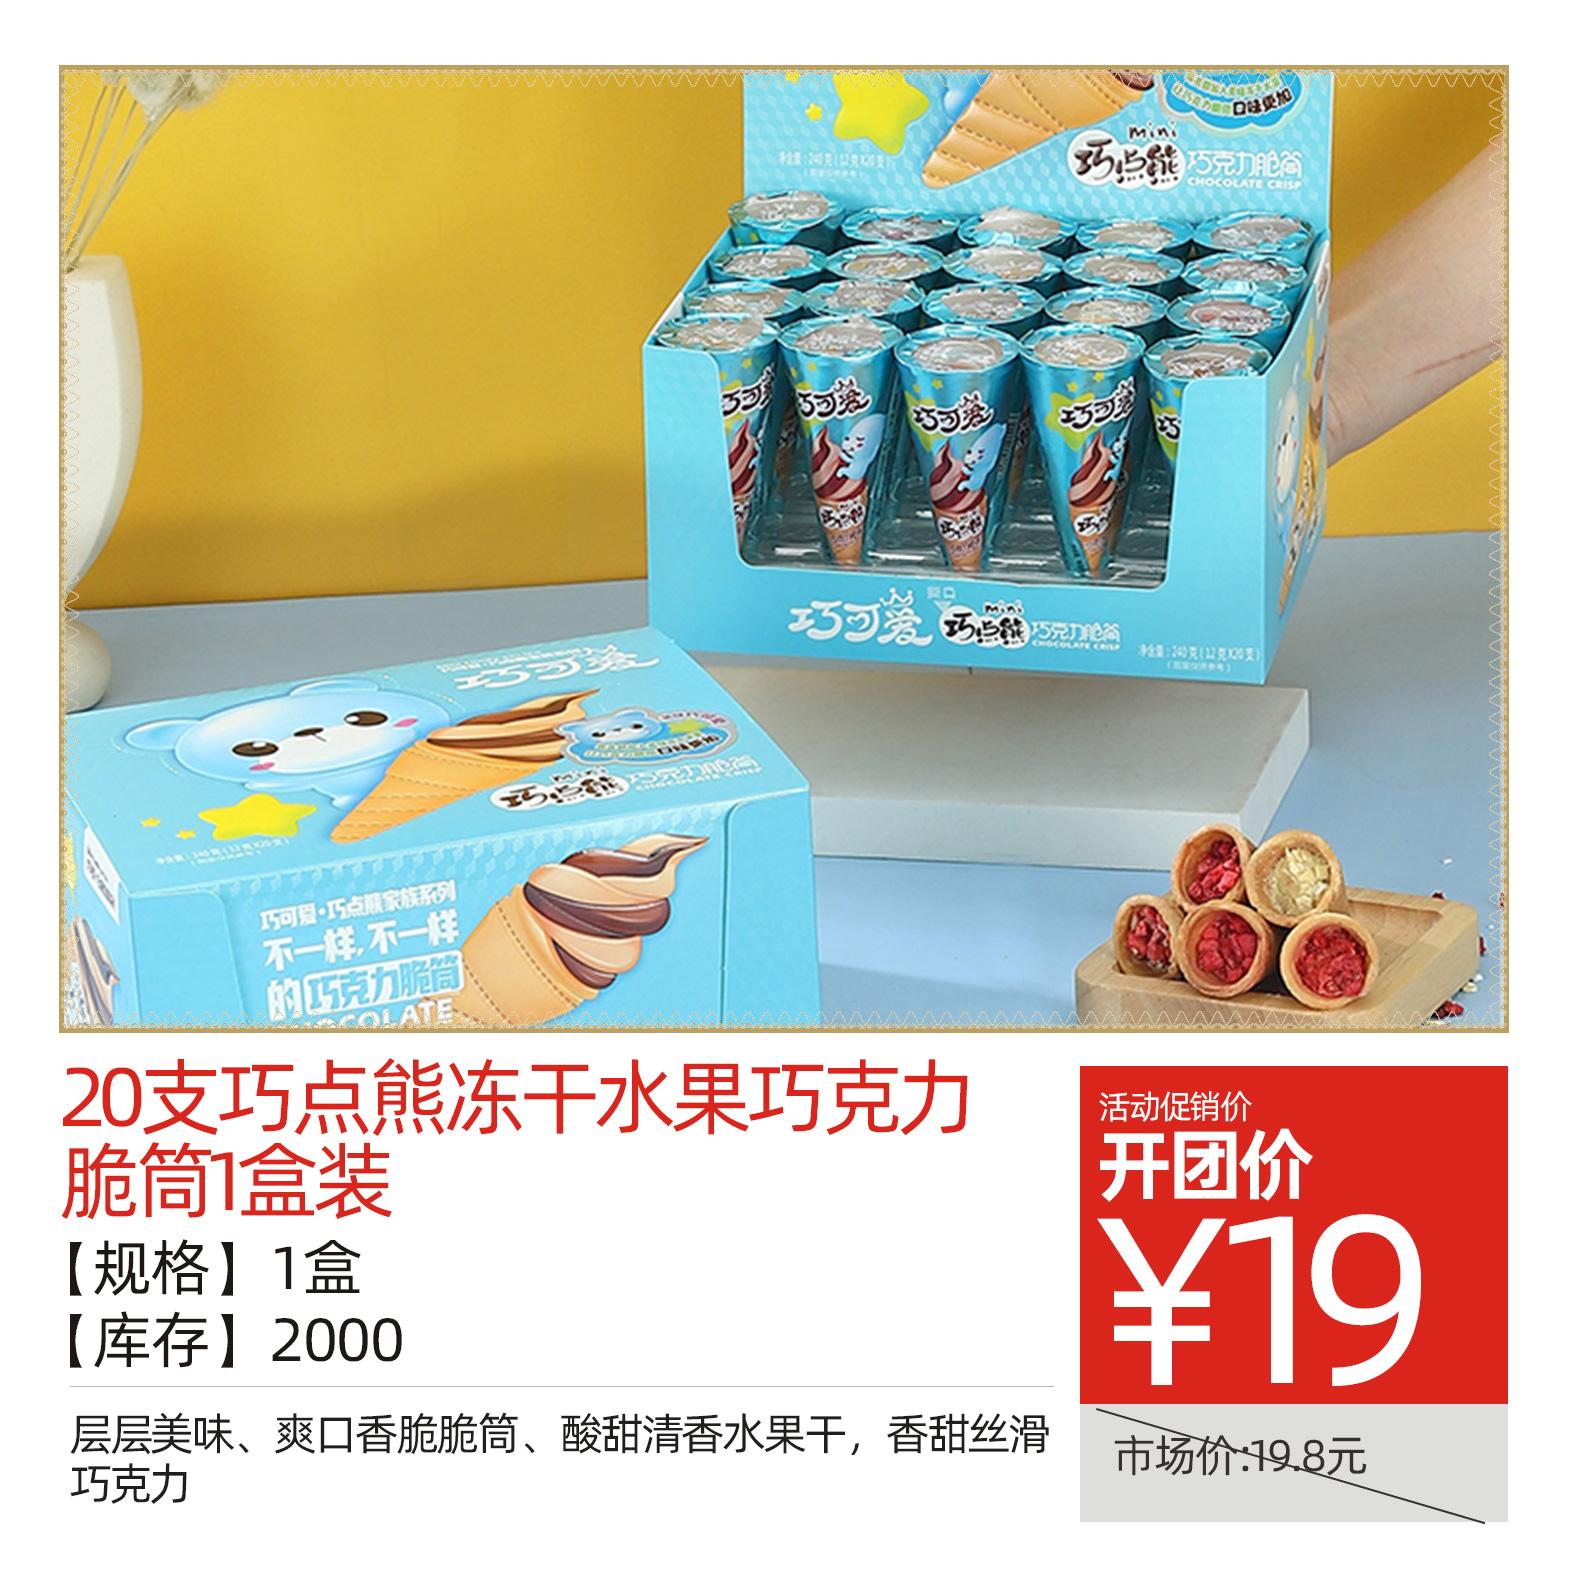 20支巧点熊冻干水果巧克力脆筒1盒装